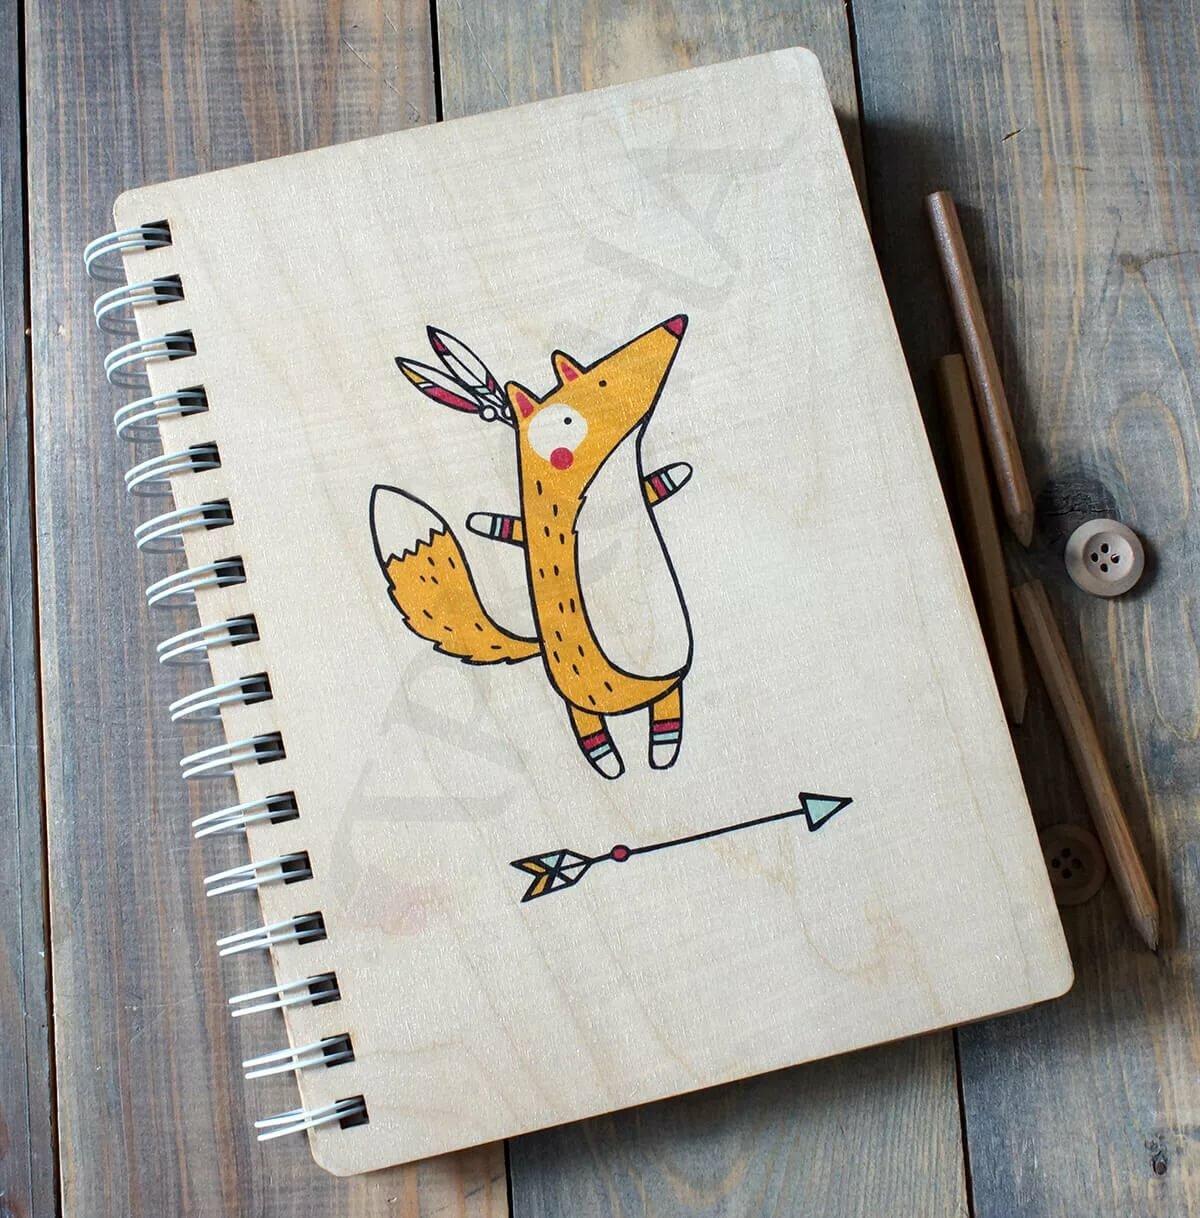 извлечения рисунки маленькие и легкие для блокнота красивые ясно, что ему